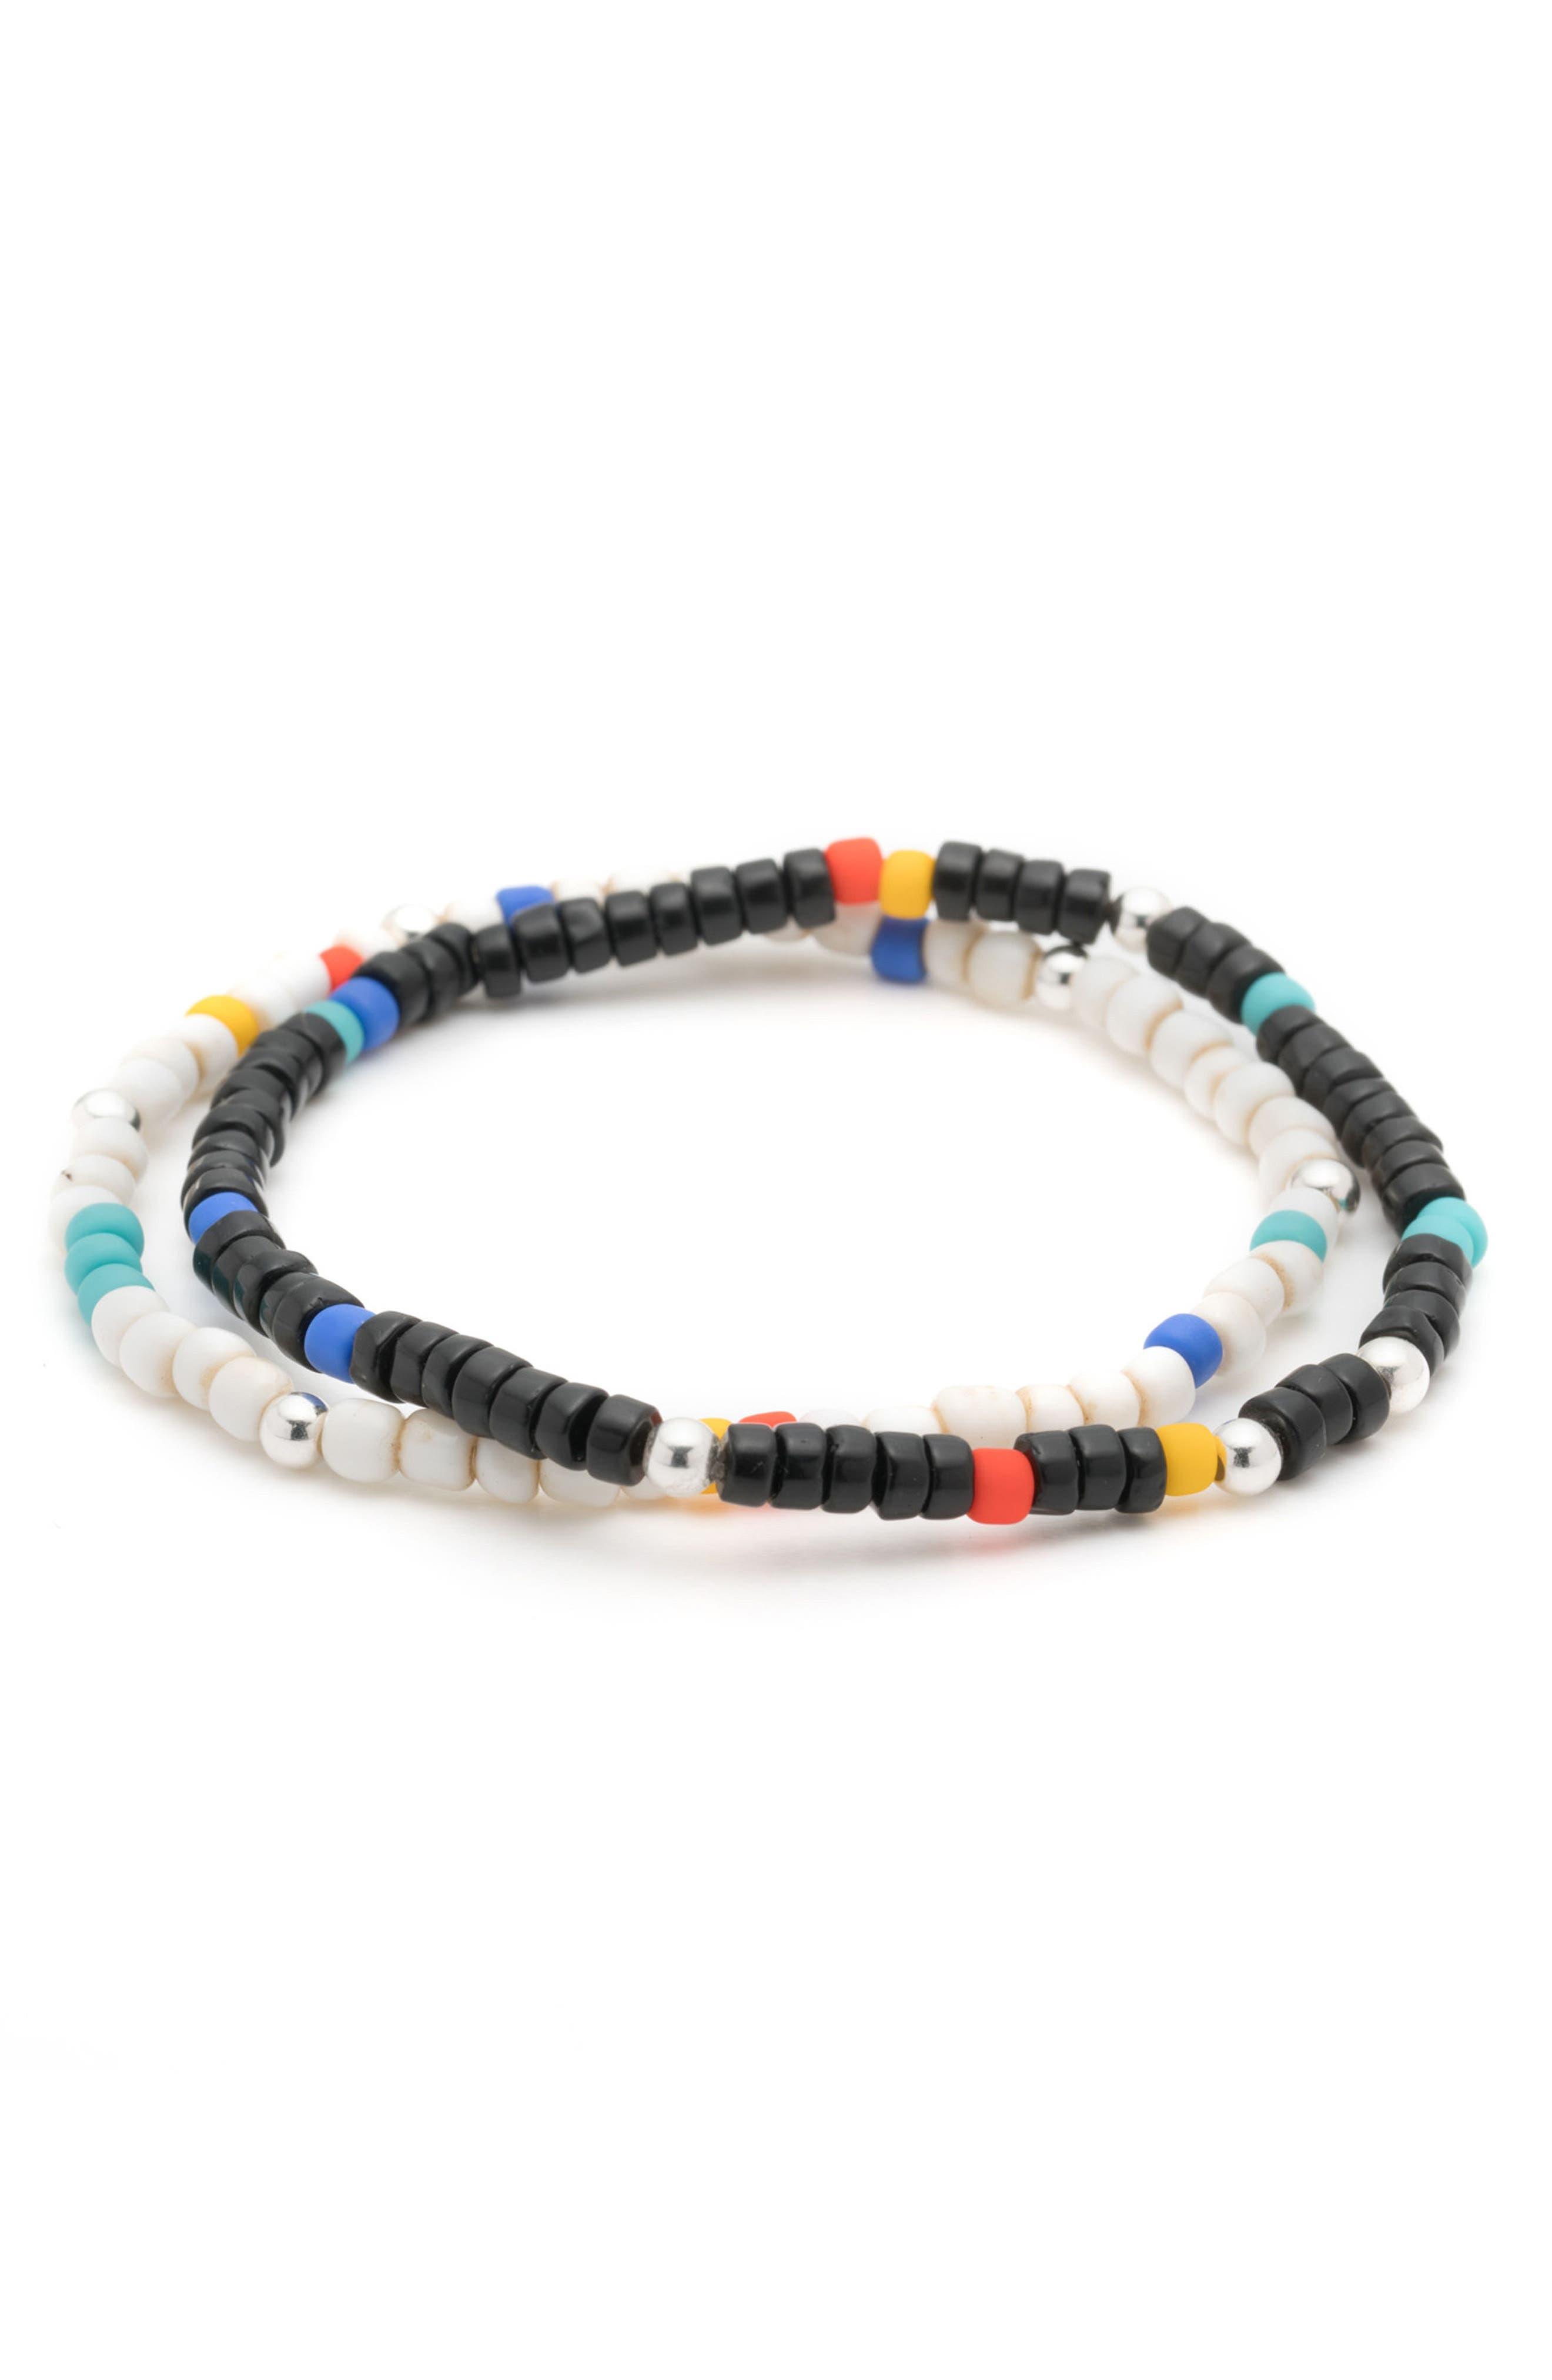 Essaouira 2-Pack Bracelets,                             Main thumbnail 1, color,                             BLACK/ WHITE/ MULTI